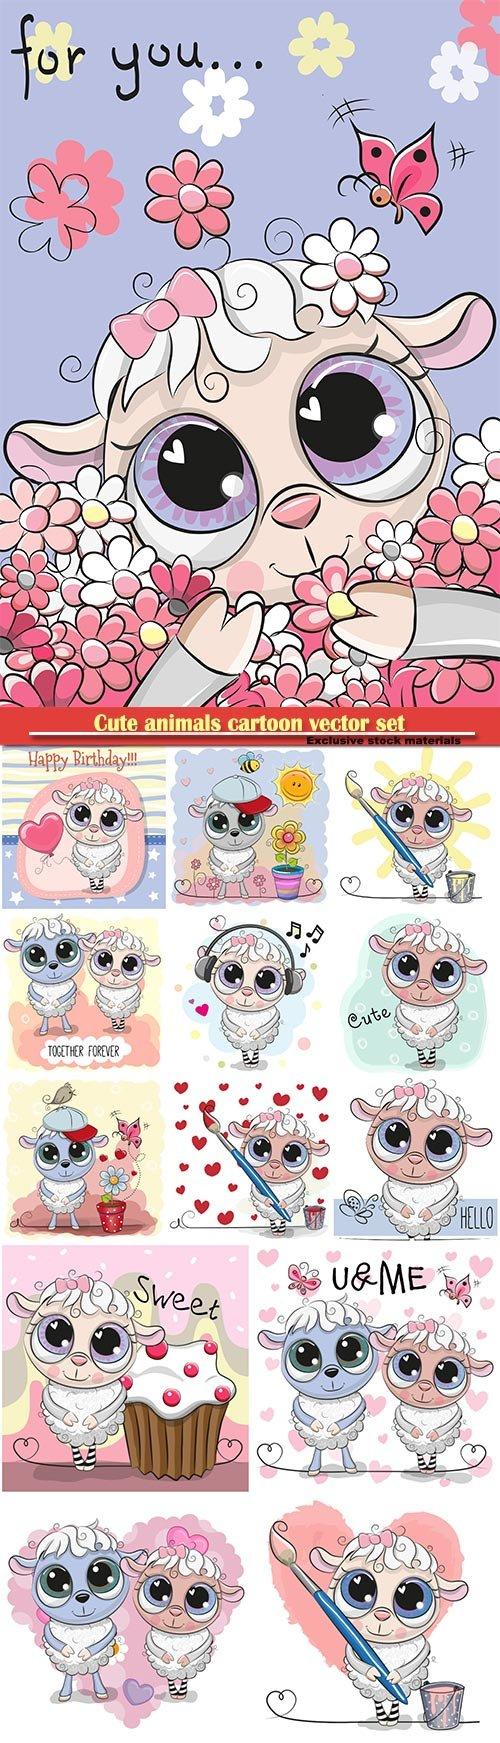 Cute sheep cartoon vector set